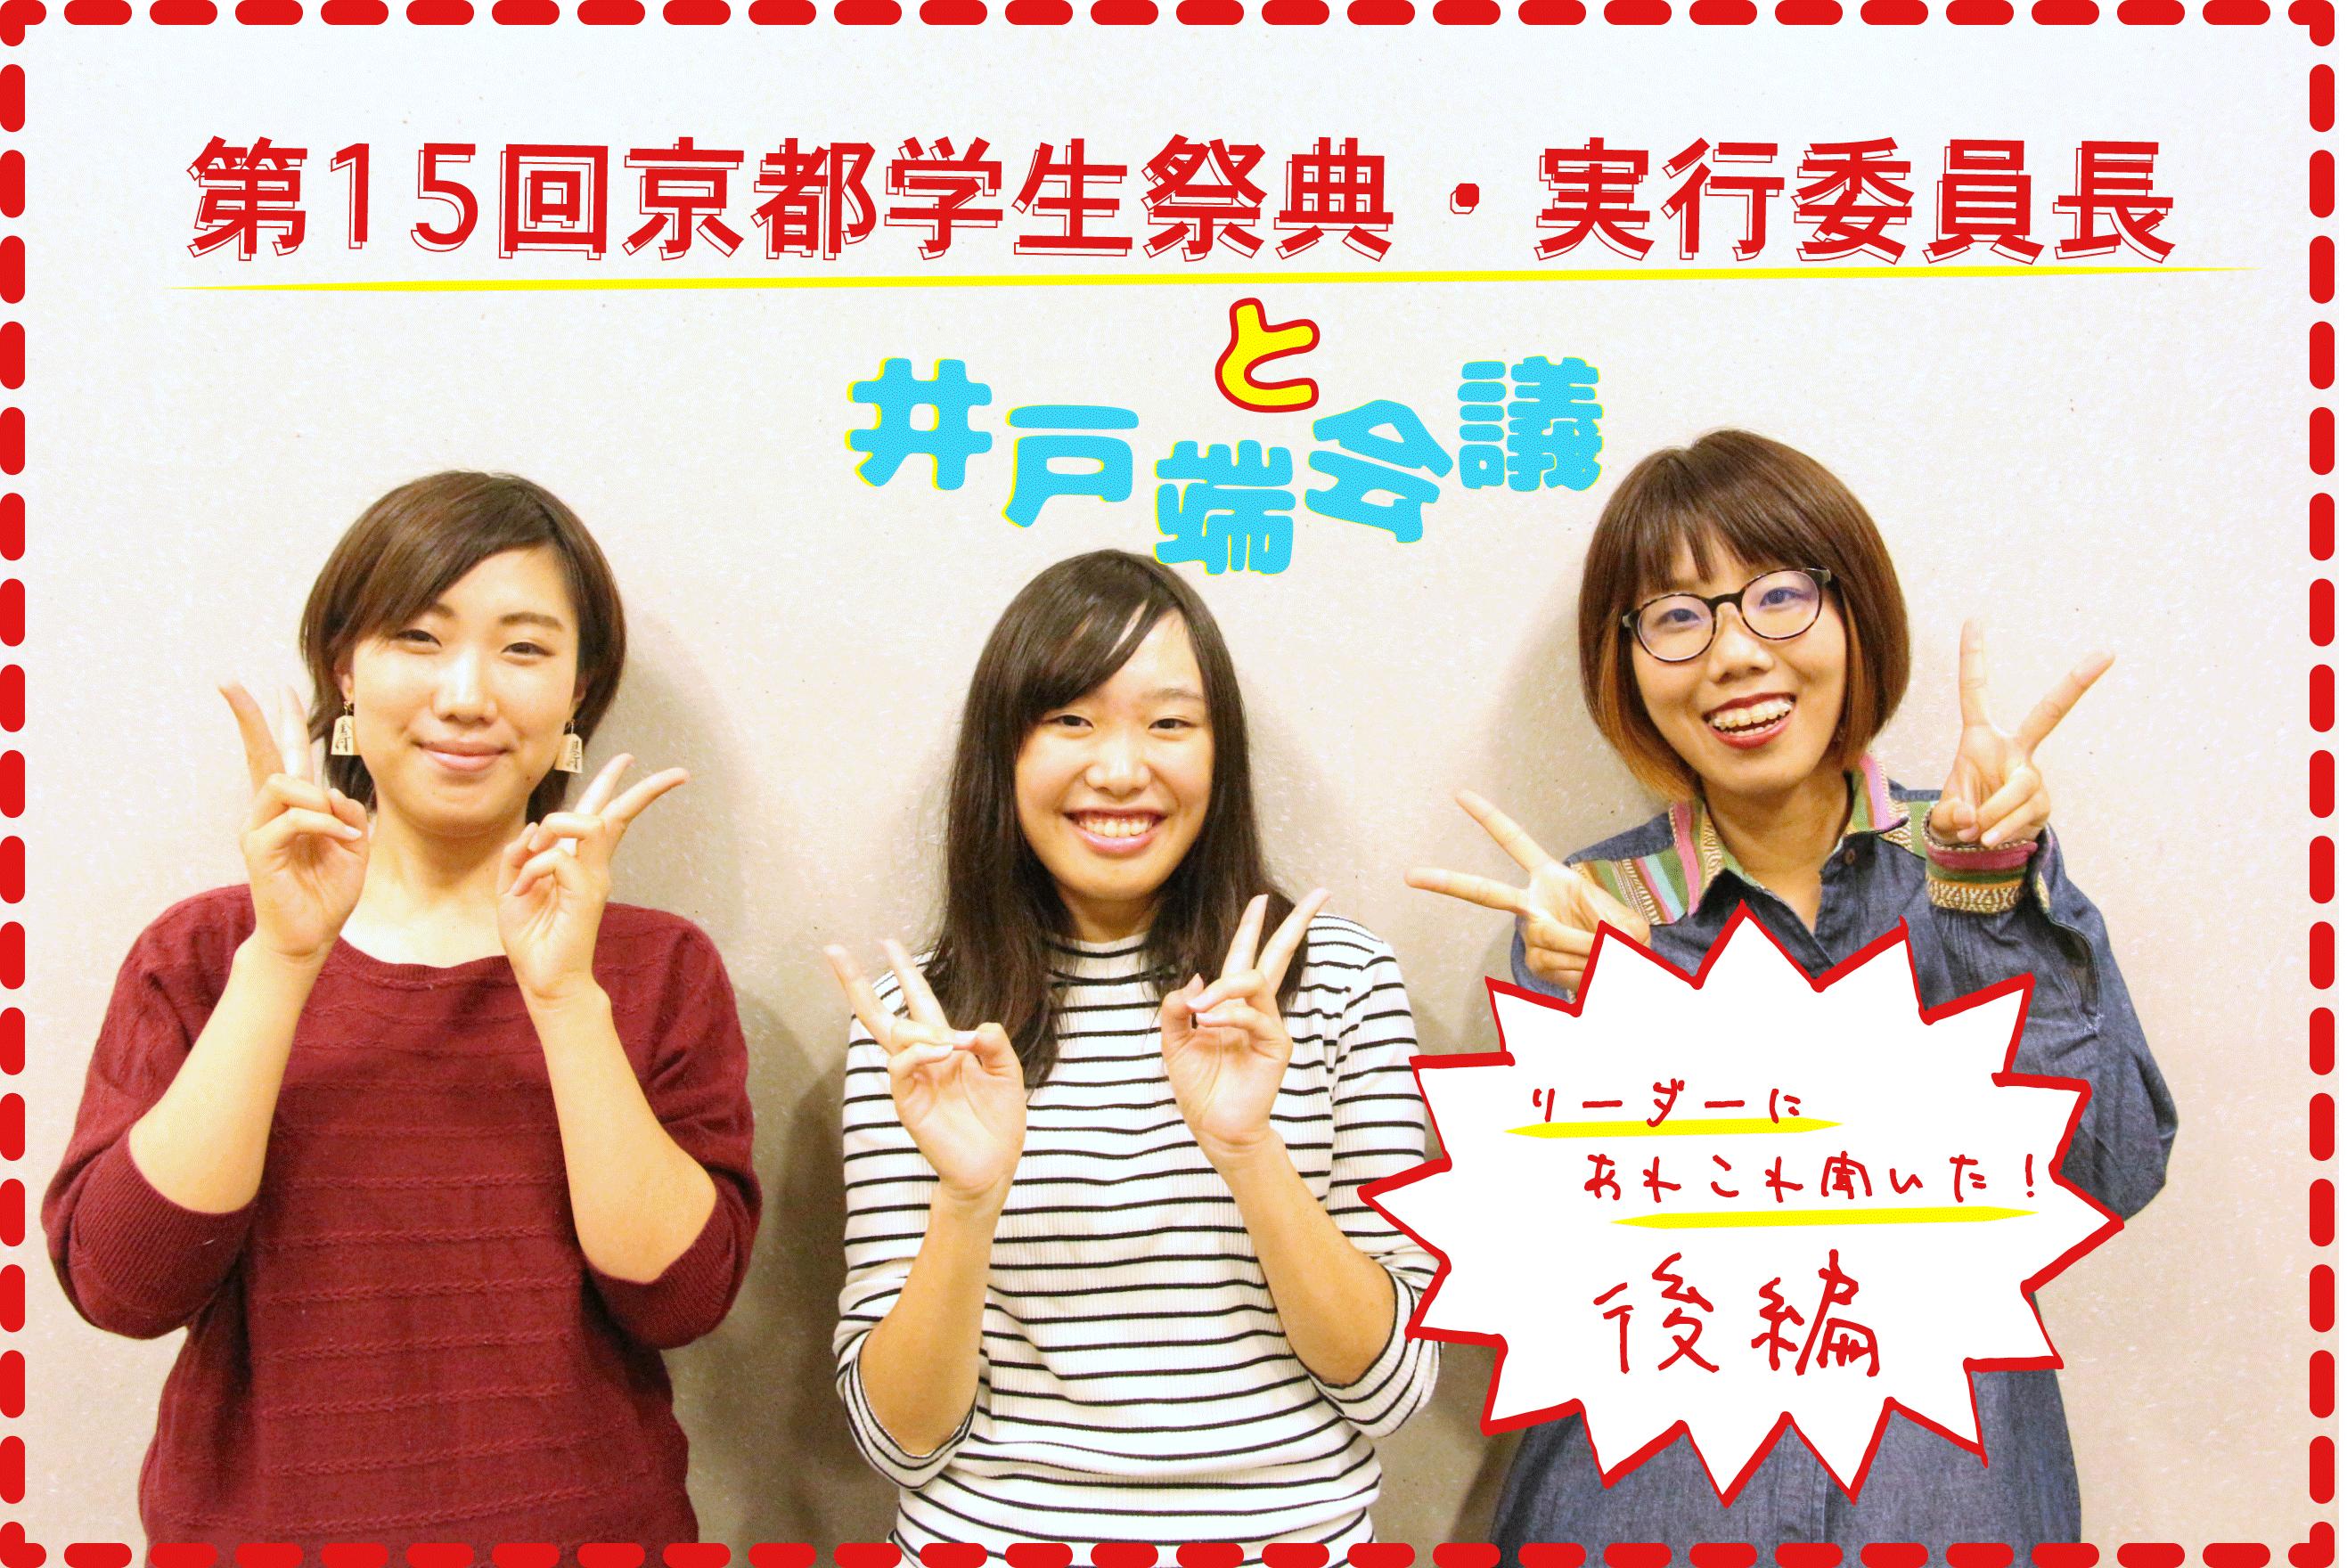 【未来のリーダー、必見】第15回京都学生祭典・実行委員長と井戸端会議してきた【後編】